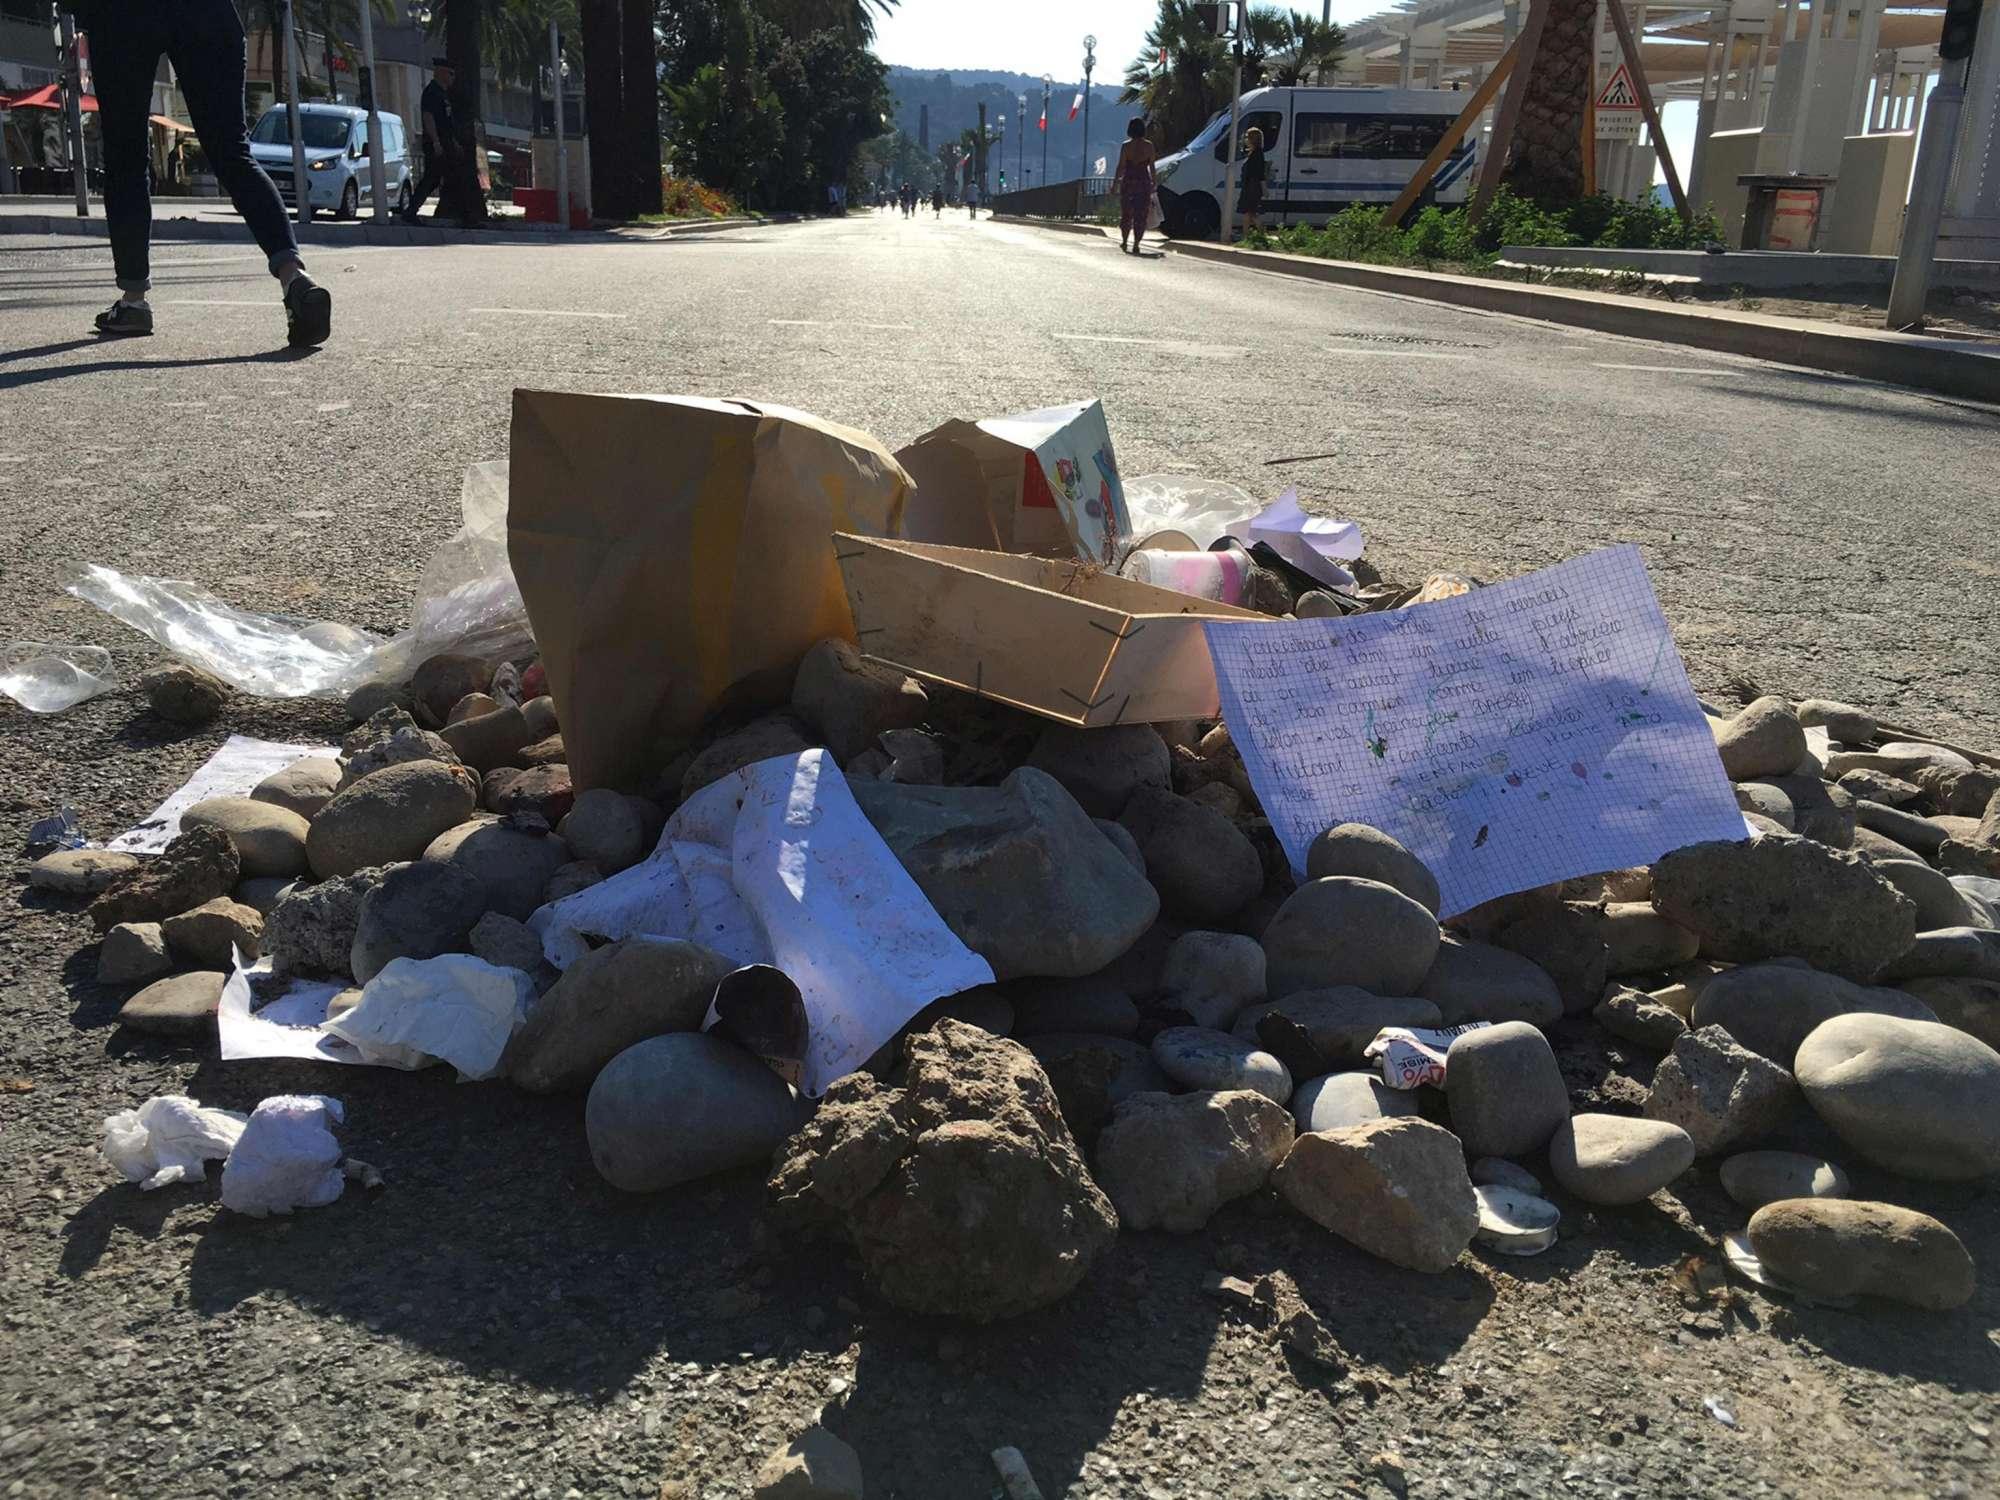 Nizza, fiori per le vittime e spazzatura per il carnefice